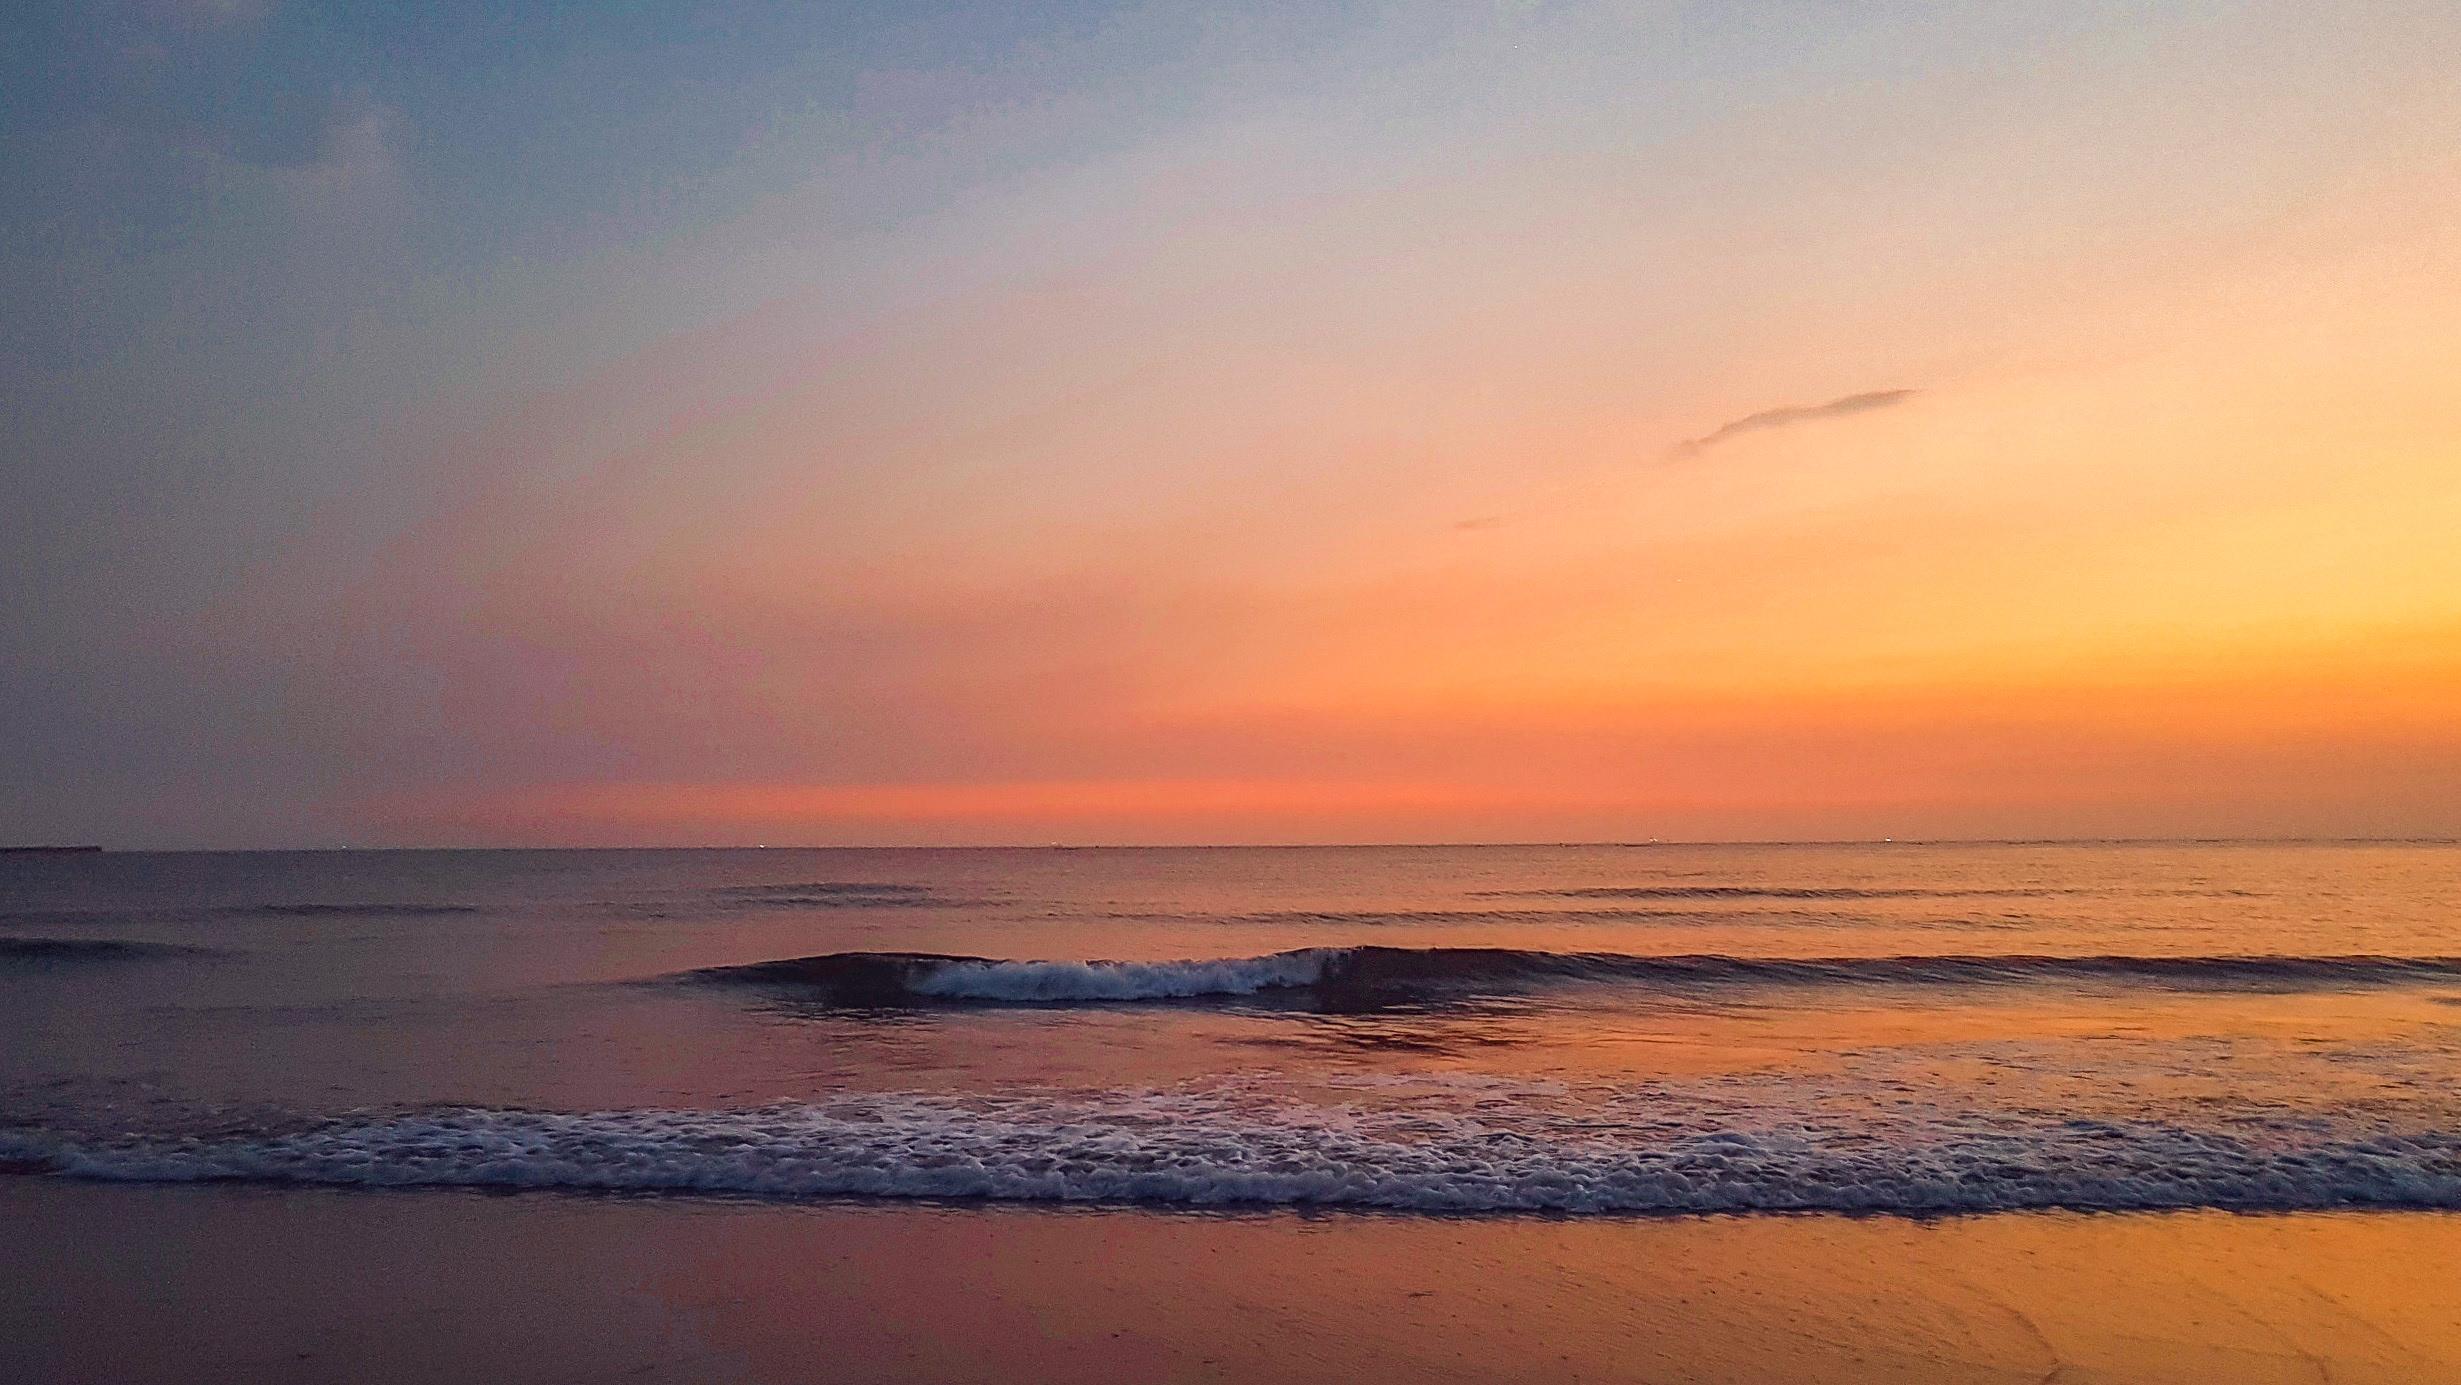 臺南安平 漁光島 - 卡琳。摸魚兒趣